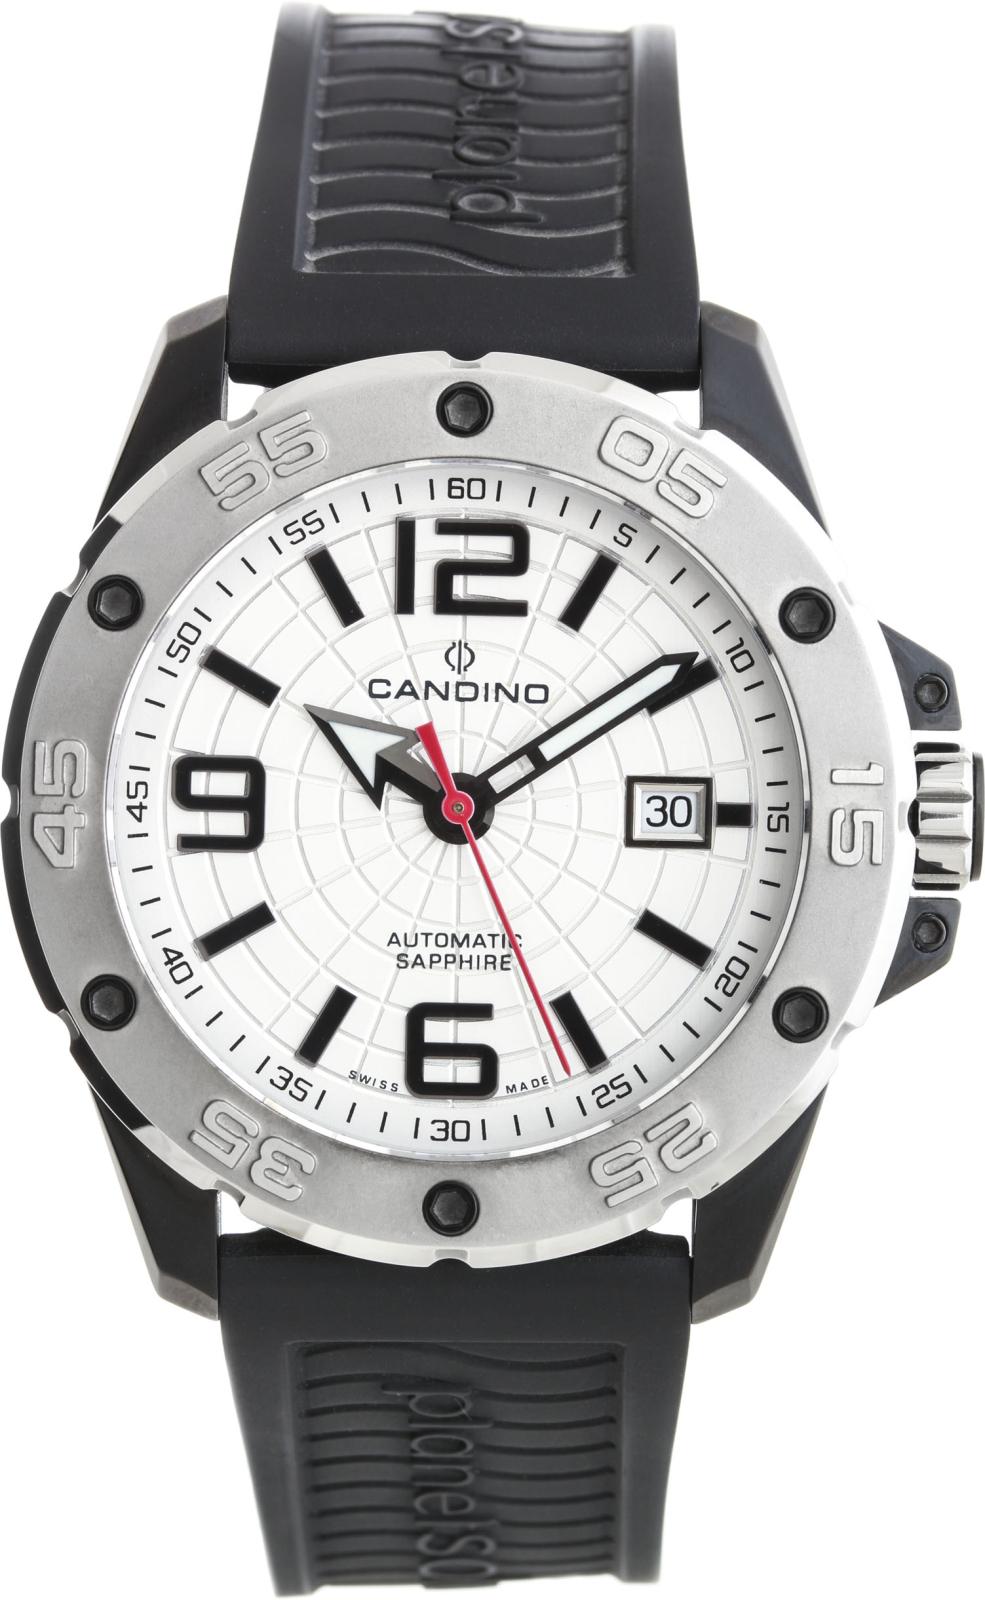 Candino Planet Solar  C4474/1Наручные часы<br>Швейцарские часы Candino Planet Solar C4474/1Часы принадежат коллекции Planet Solar . Это модные мужские часы. Материал корпуса часов — сталь. В этих часах используется сапфировое стекло. Часы выдерживают давление на глубине 200 м.<br><br>Пол: Мужские<br>Страна-производитель: Швейцария<br>Механизм: Механический<br>Материал корпуса: Сталь<br>Материал ремня/браслета: Каучук<br>Водозащита, диапазон: 200 - 800 м<br>Стекло: Сапфировое<br>Толщина корпуса: None<br>Стиль: None